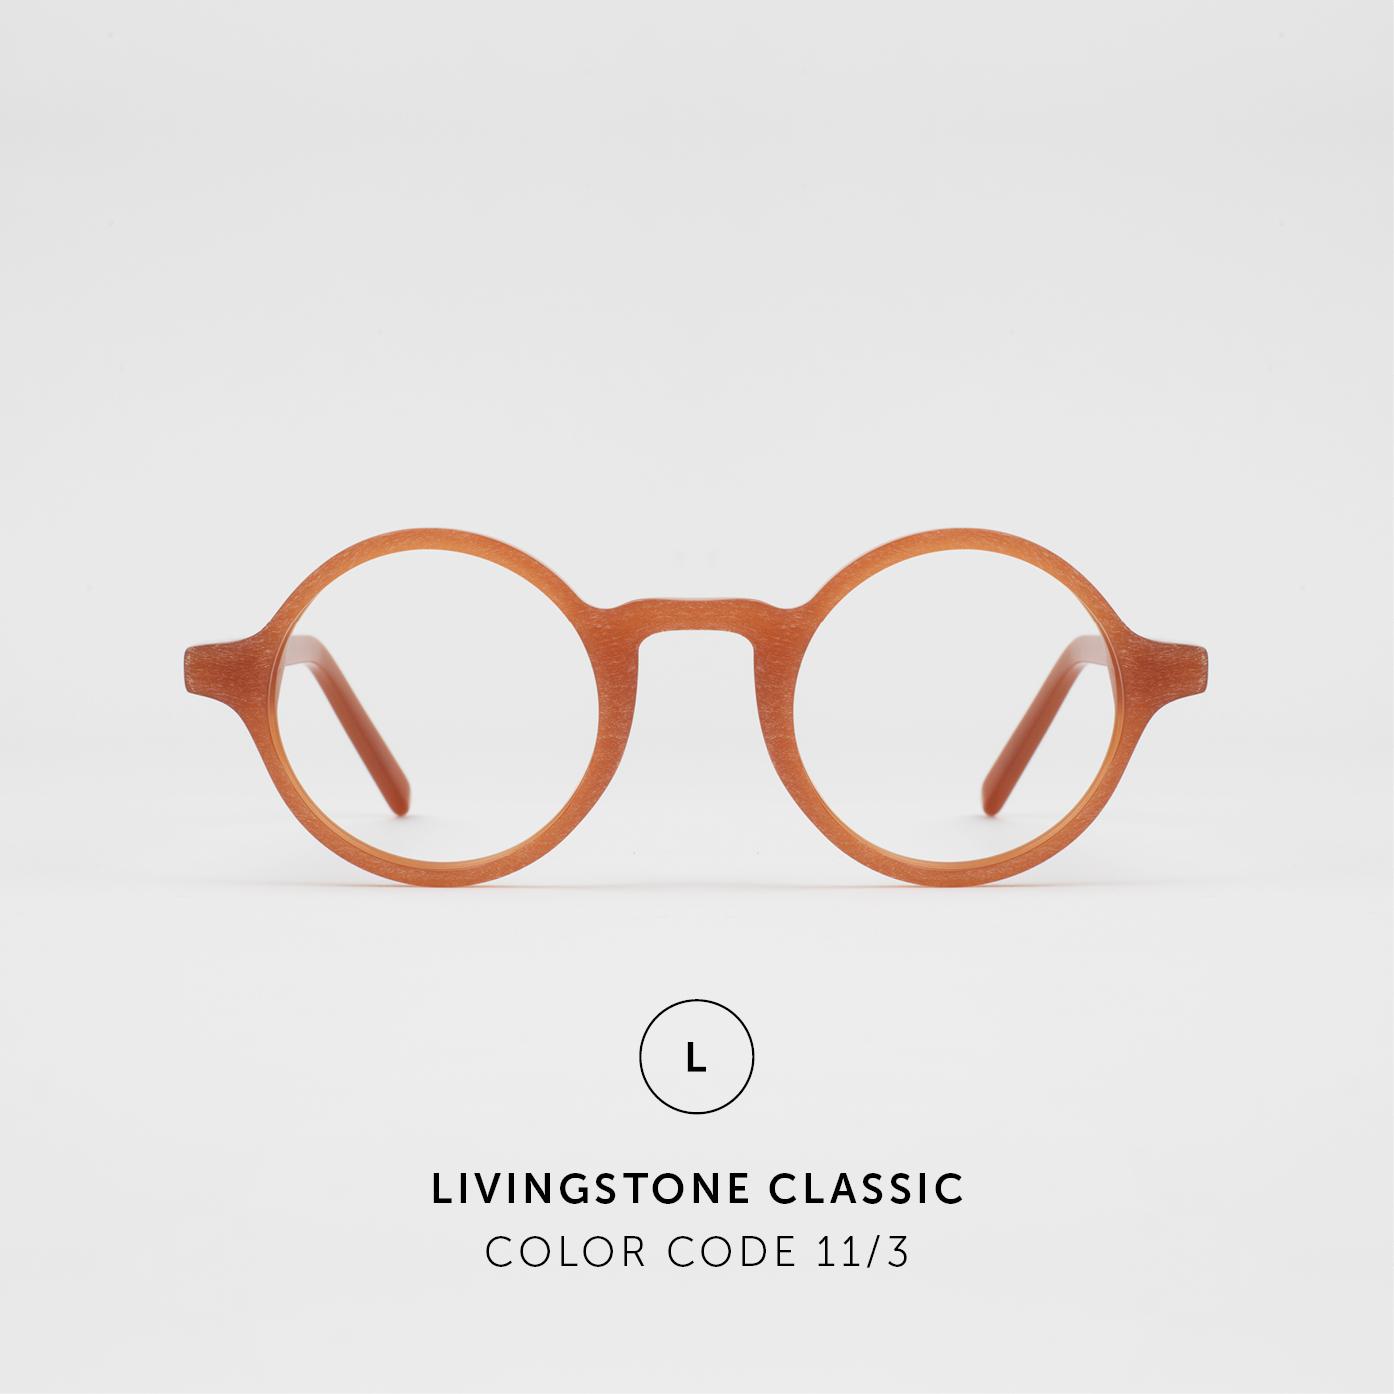 LivingstoneClassic53.jpg